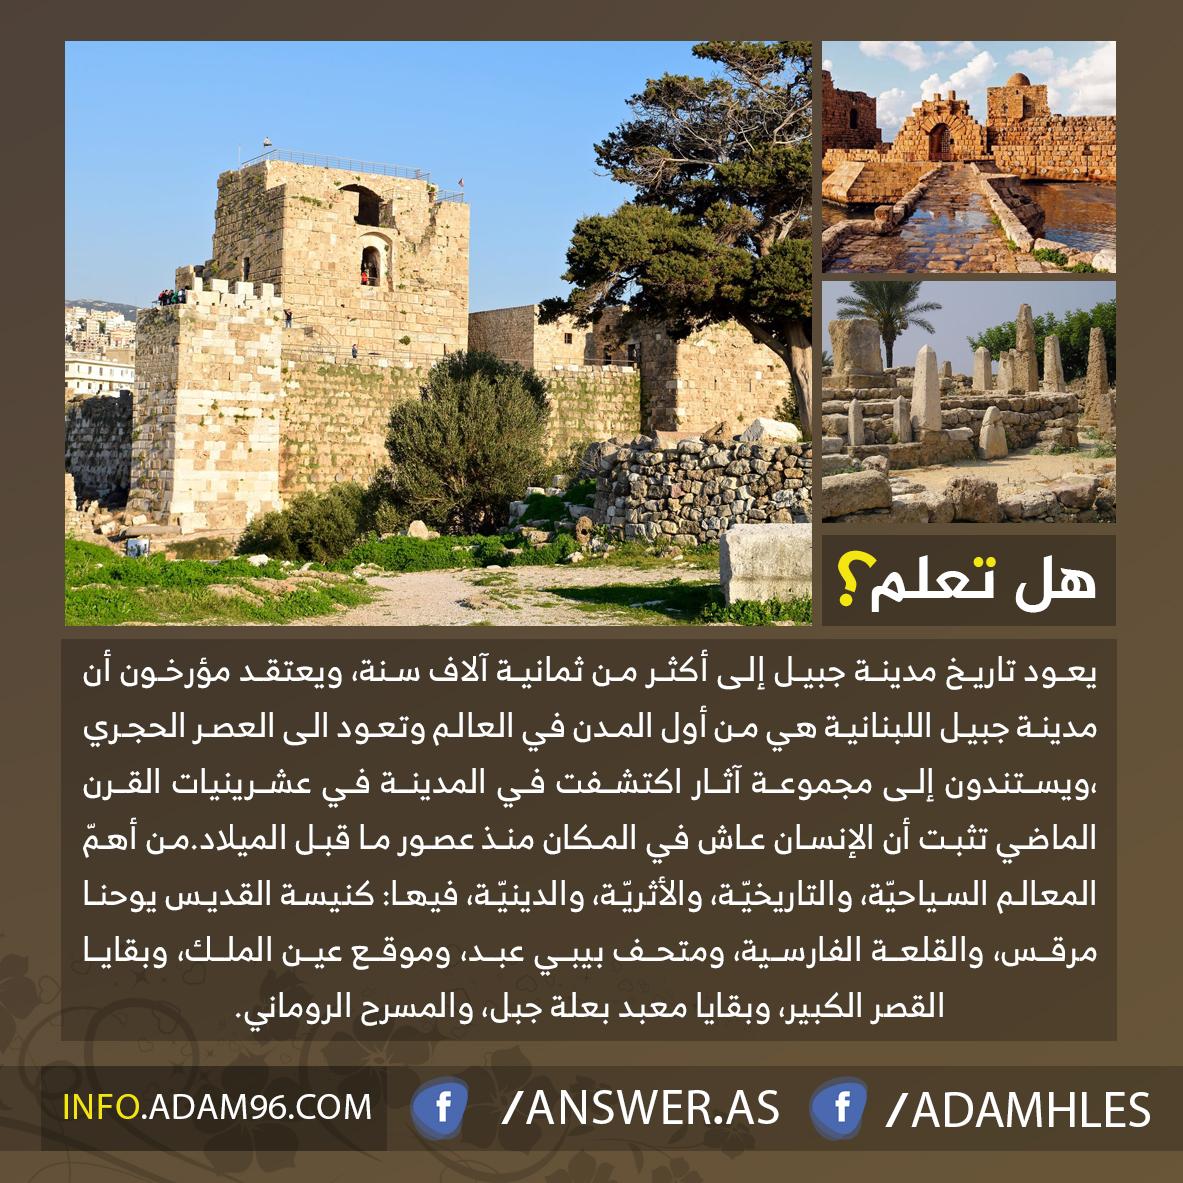 معلومات عن اقدم مدينة في العالم عمرها 8 الاف عام - جبيل لبنان